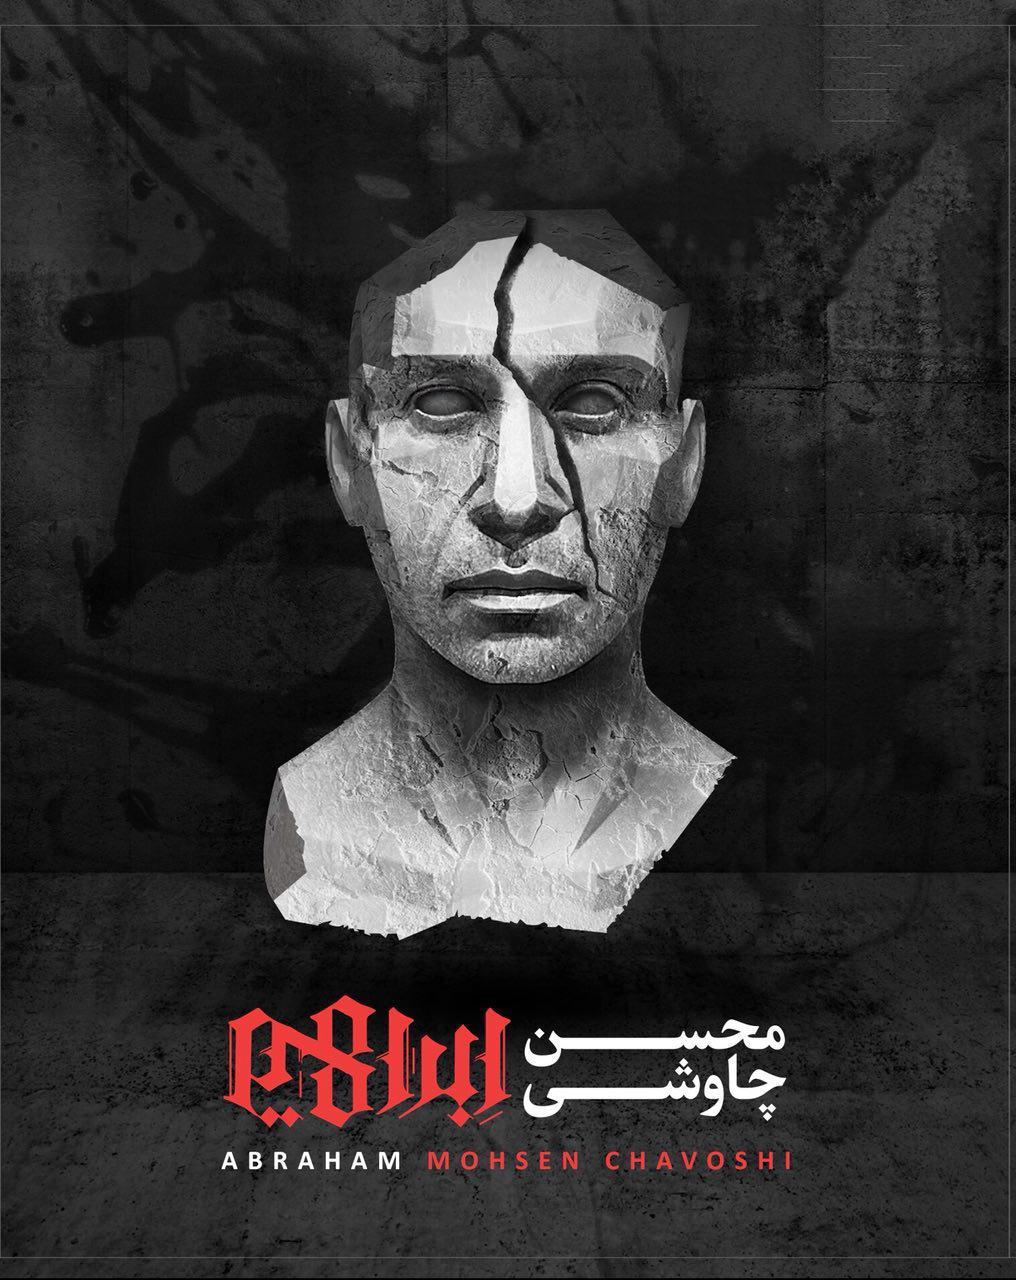 آلبوم ابراهیم تازه ترین اثر محسن چاوشی منتشر شد